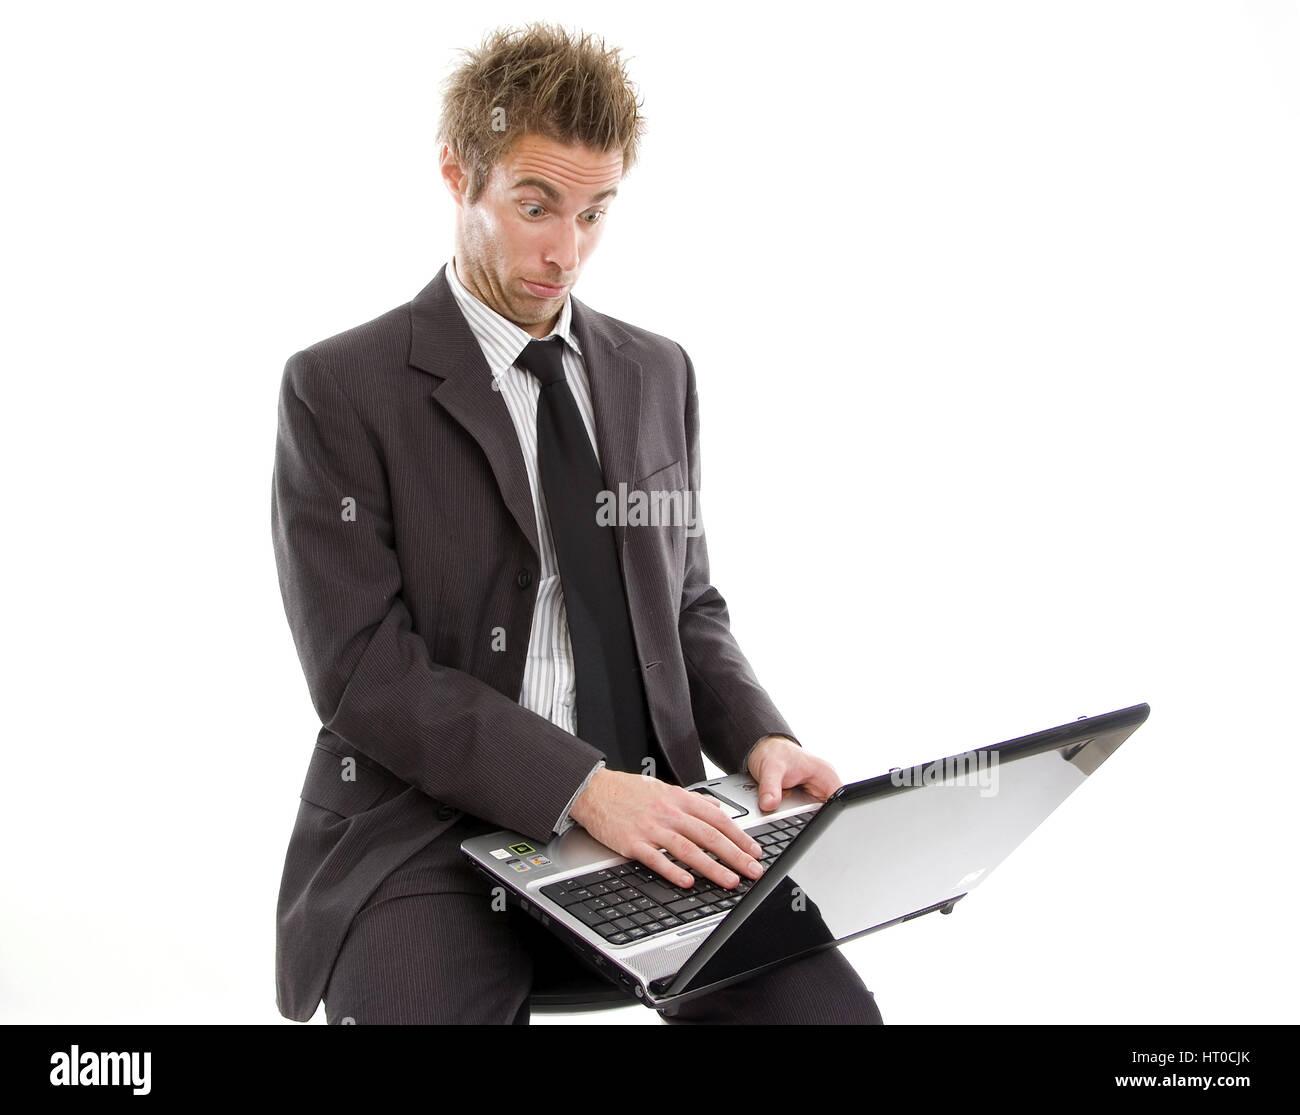 ‹berforderter Gesch‰ftsmann arbeitet am Laptop - overstrained business man using laptop - Stock Image